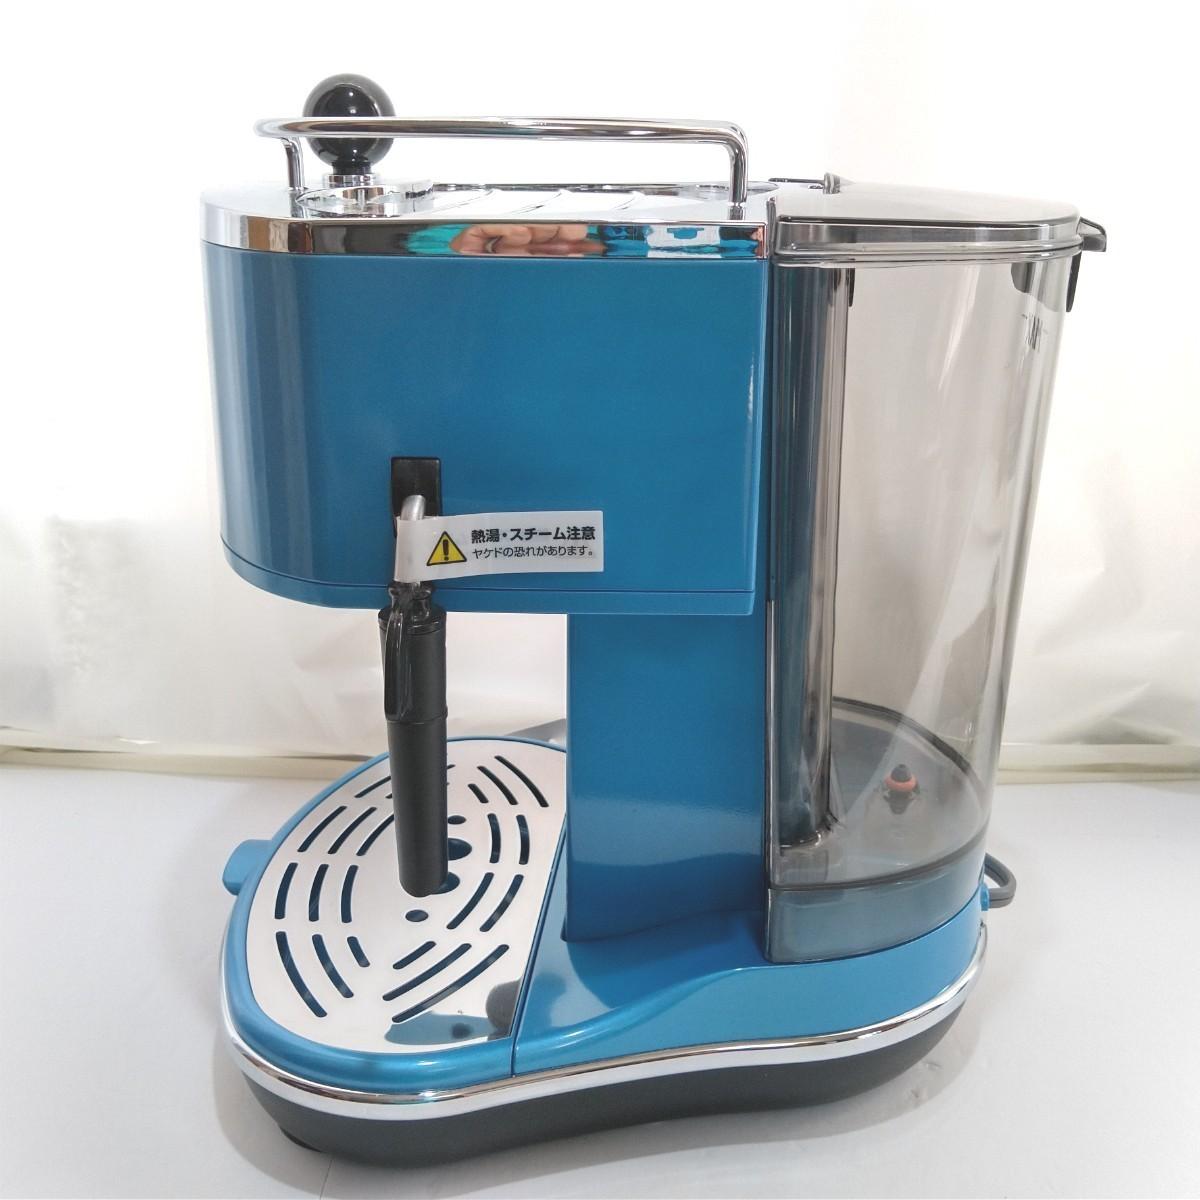 デロンギ アイコナ エスプレッソ カプチーノ メーカー ECO310 (ブルー) DeLonghi コーヒーメーカー